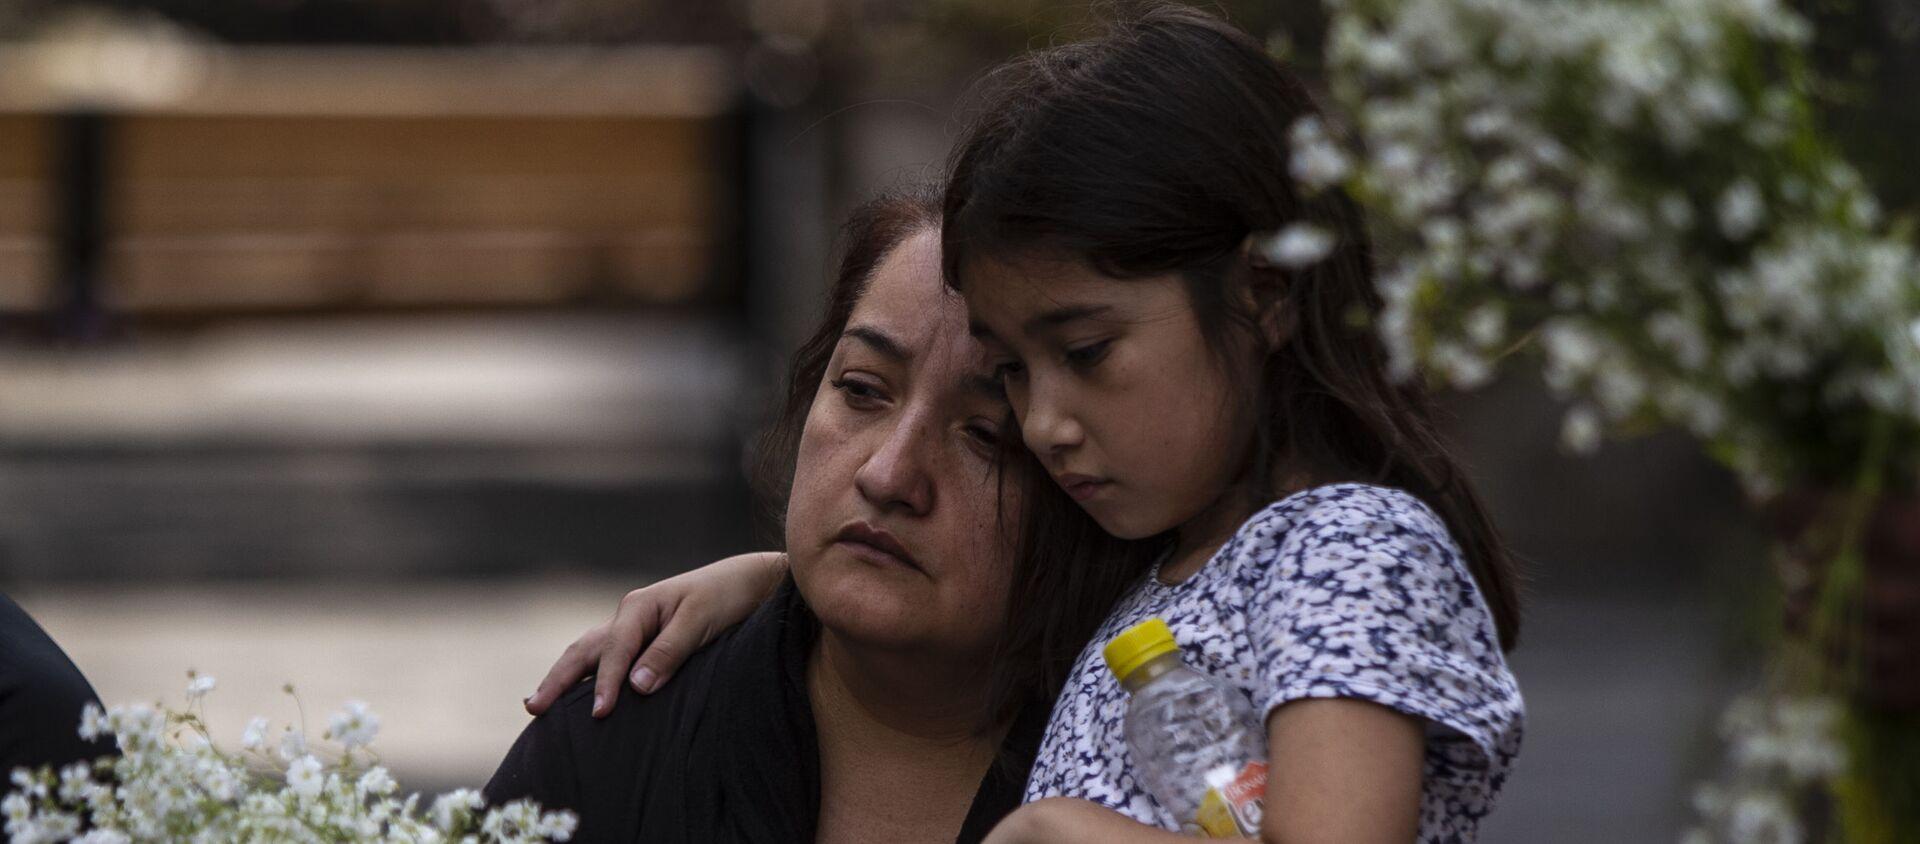 Asistentes al evento que inició las actividades para conmemorar 'la masacre de los 72 migrantes' en San Fernando Tamaulipas en el 'Lugar de las palabras en común' en el Centro Histórico de la ciudad de México - Sputnik Mundo, 1920, 26.08.2019